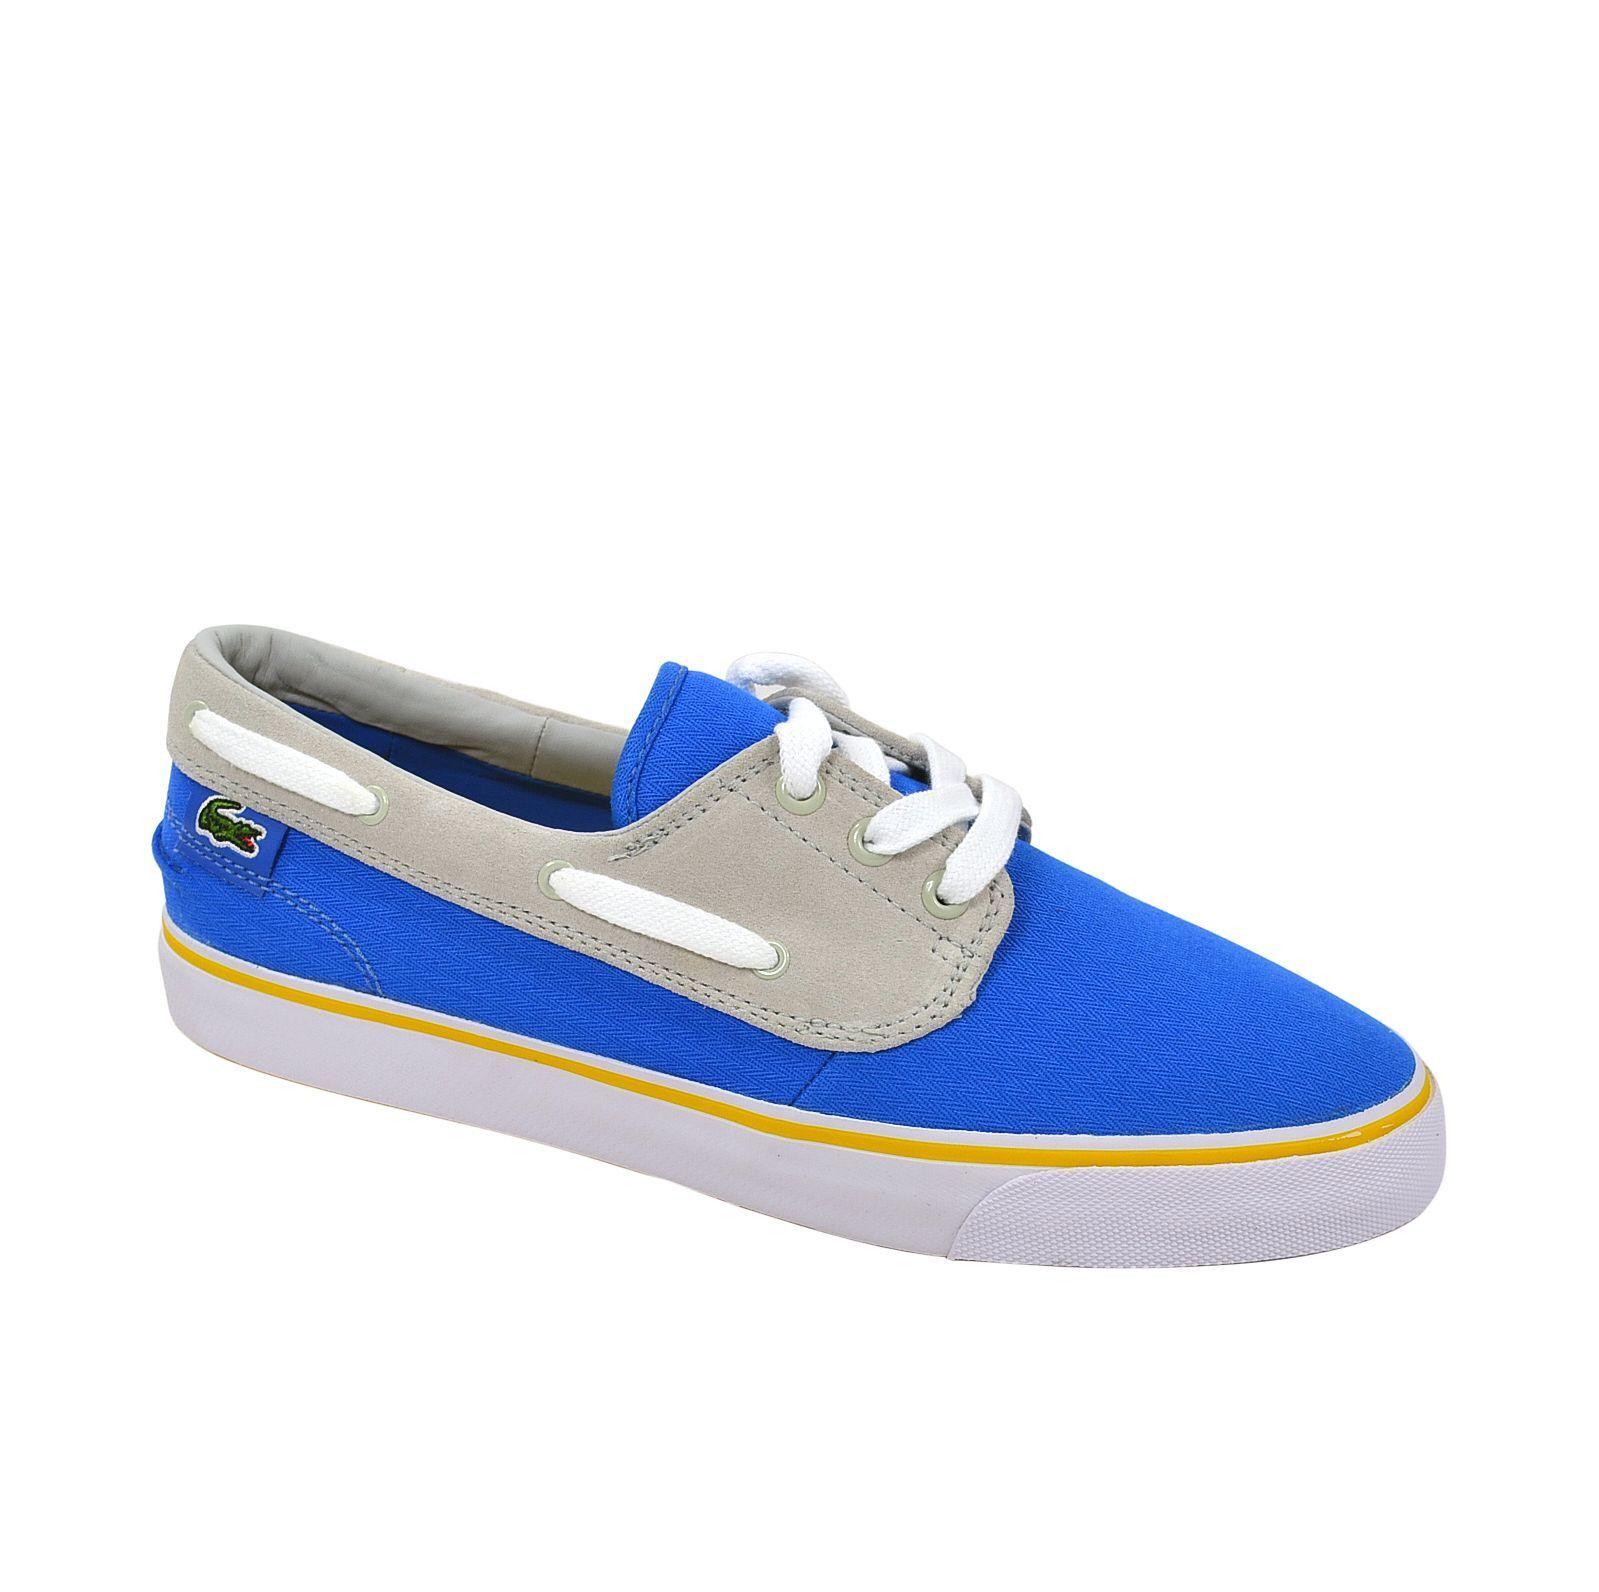 LACOSTE Barbuda nero blu Scarpe scarpe da ginnastica Nero Blu selezione dimensione  | Ufficiale  | Maschio/Ragazze Scarpa